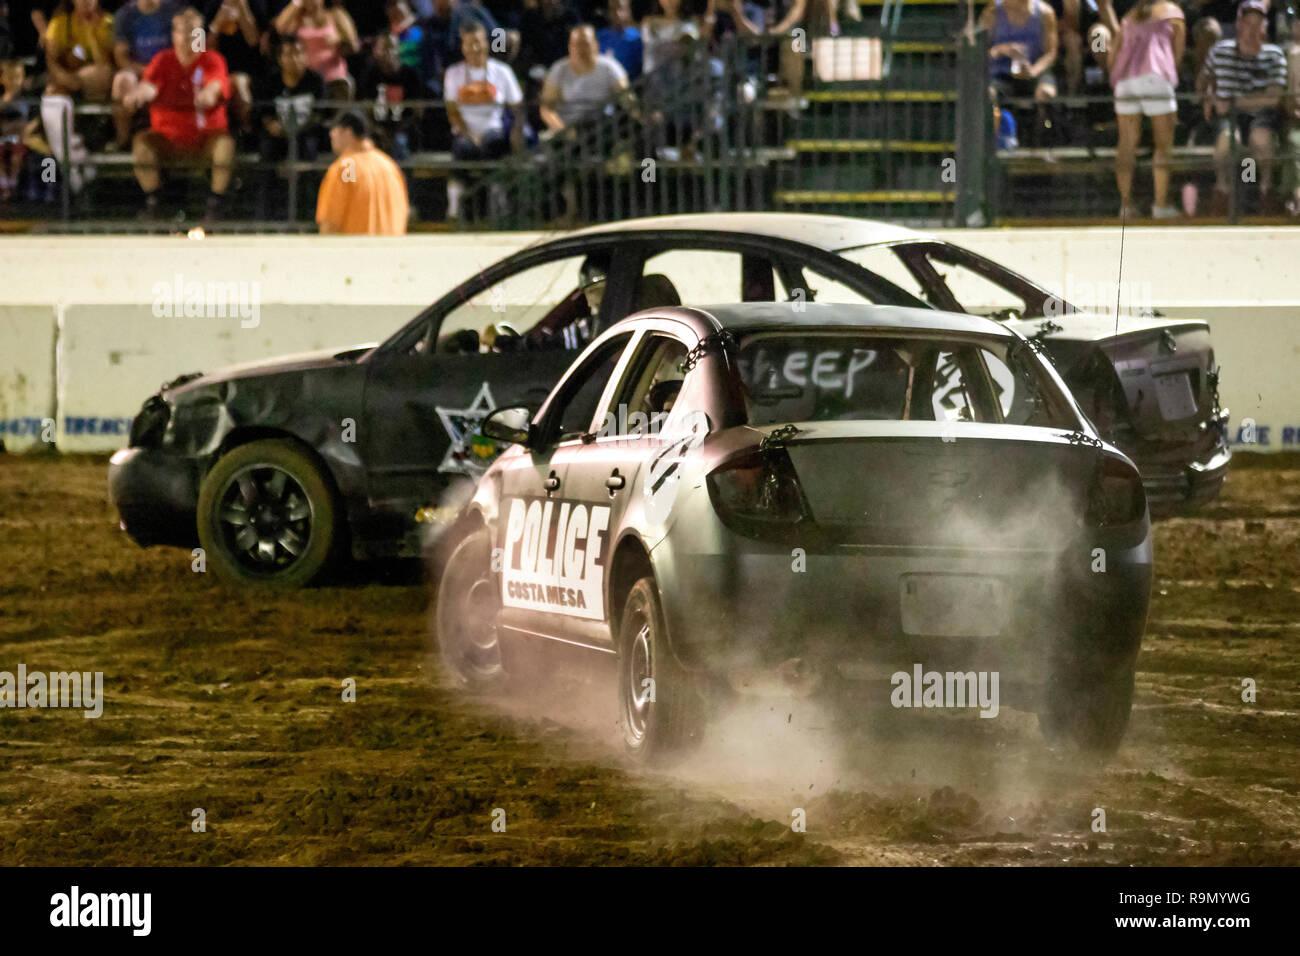 Coches cabeza durante un accidente en una noche derby demo oficial de policía para conductores en una Costa Mesa, California, estadio. Imagen De Stock